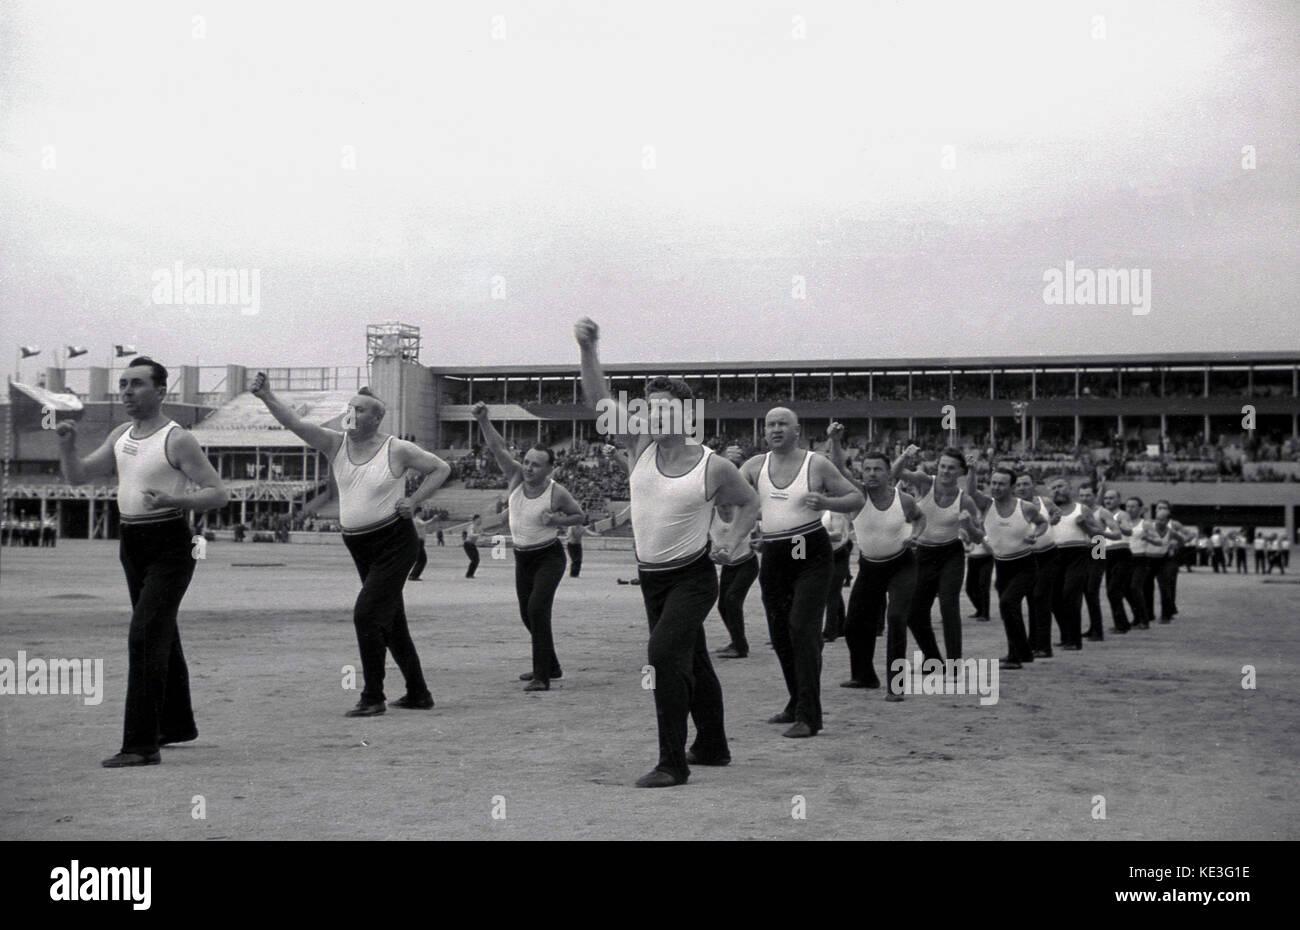 1938 historique., sport, hommes participants à l'immense stade de Strahov, Prague, Tchécoslovaquie Photo Stock